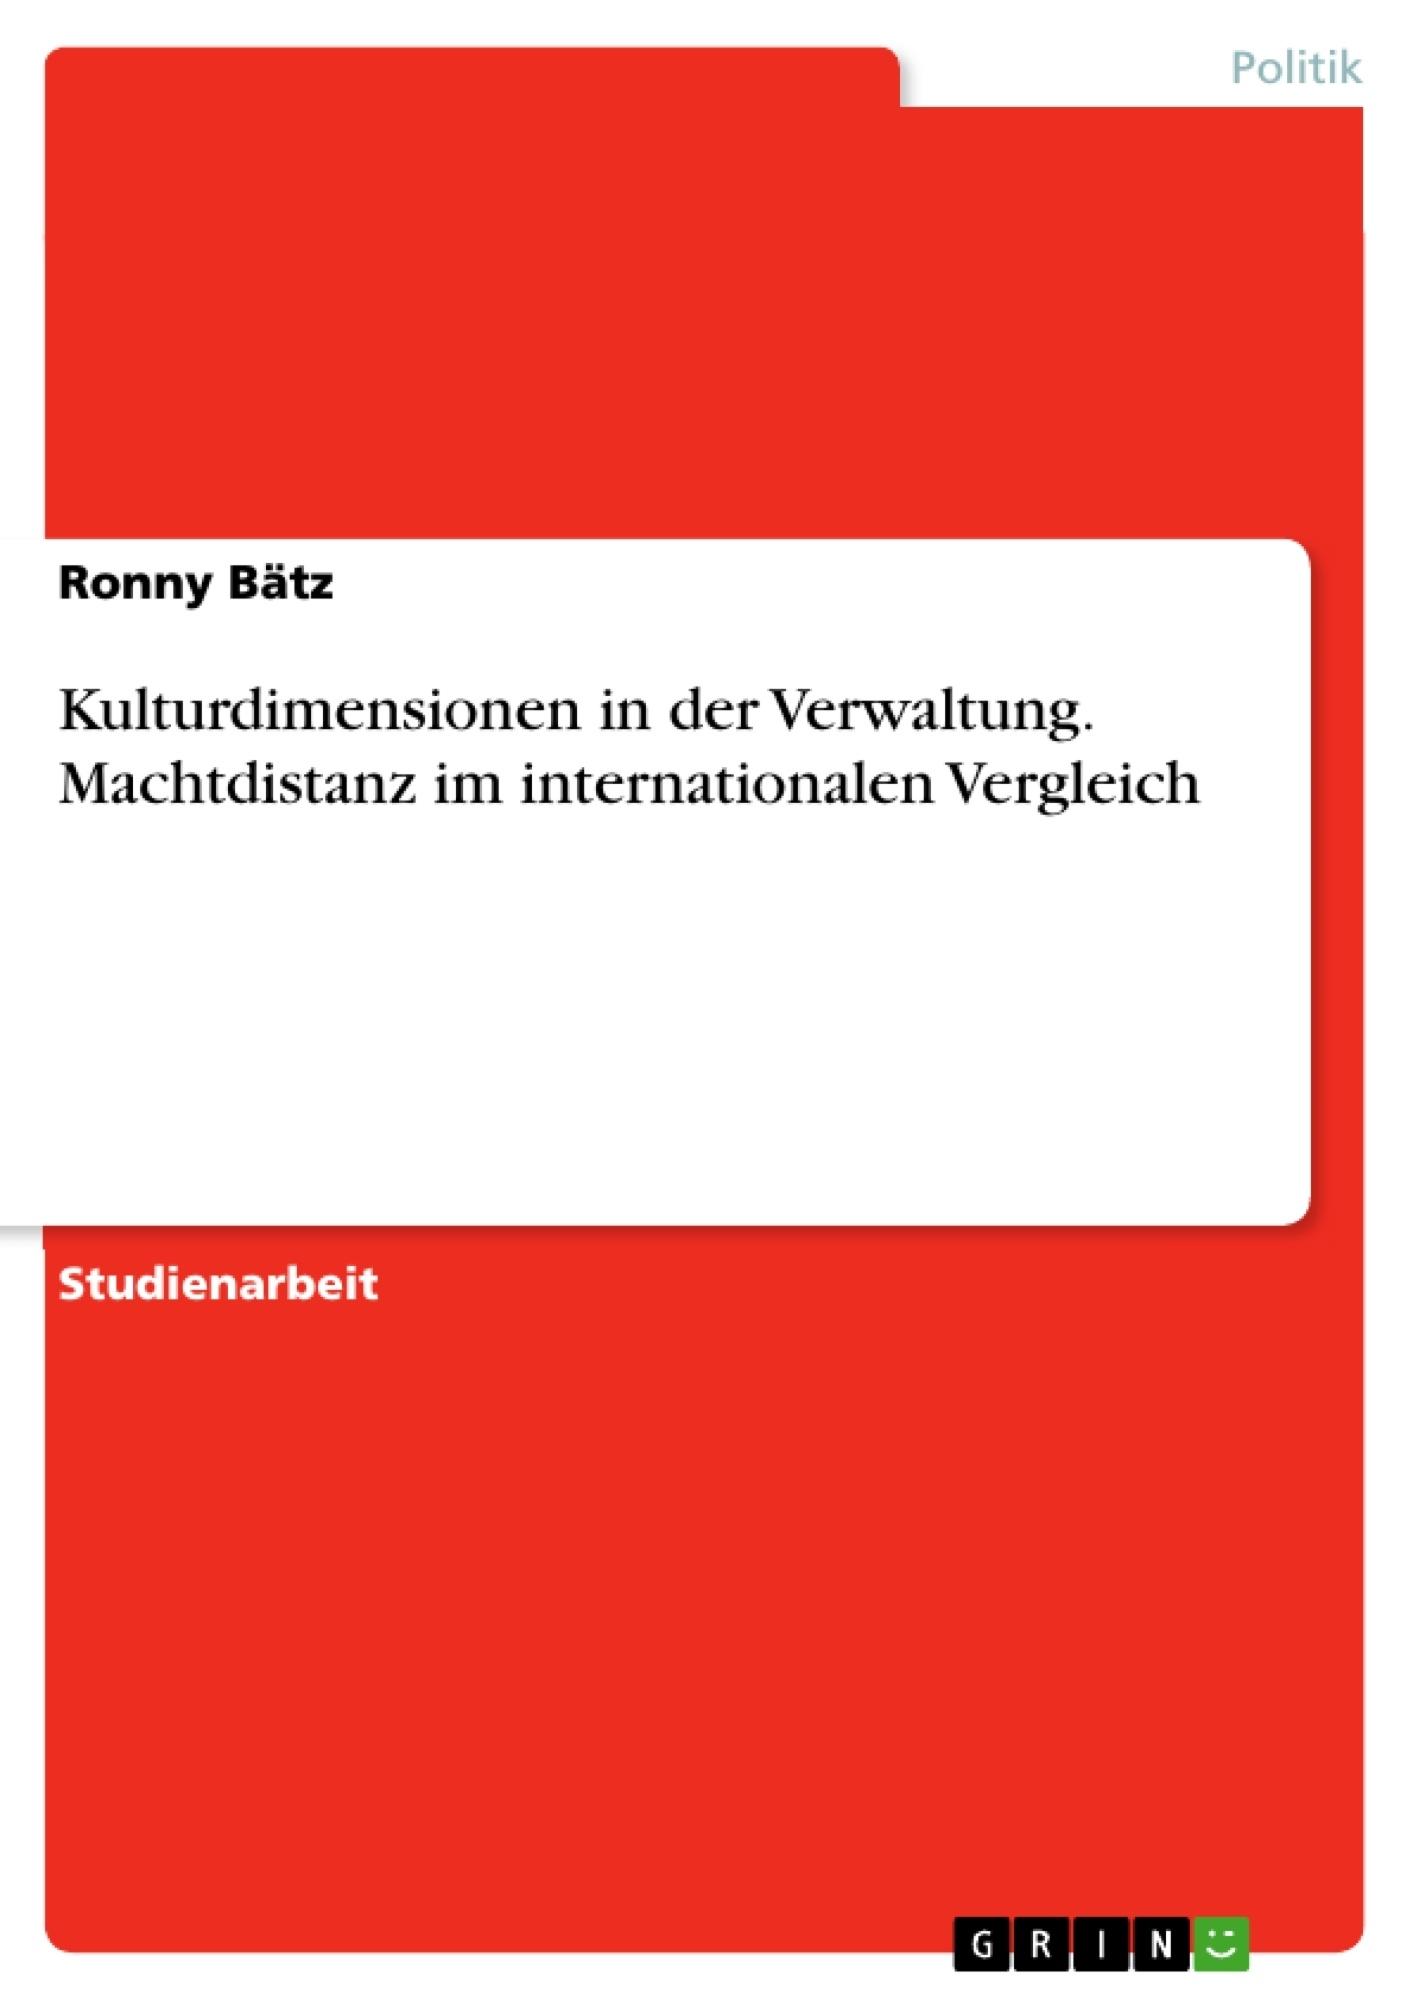 Titel: Kulturdimensionen in der Verwaltung. Machtdistanz im internationalen Vergleich